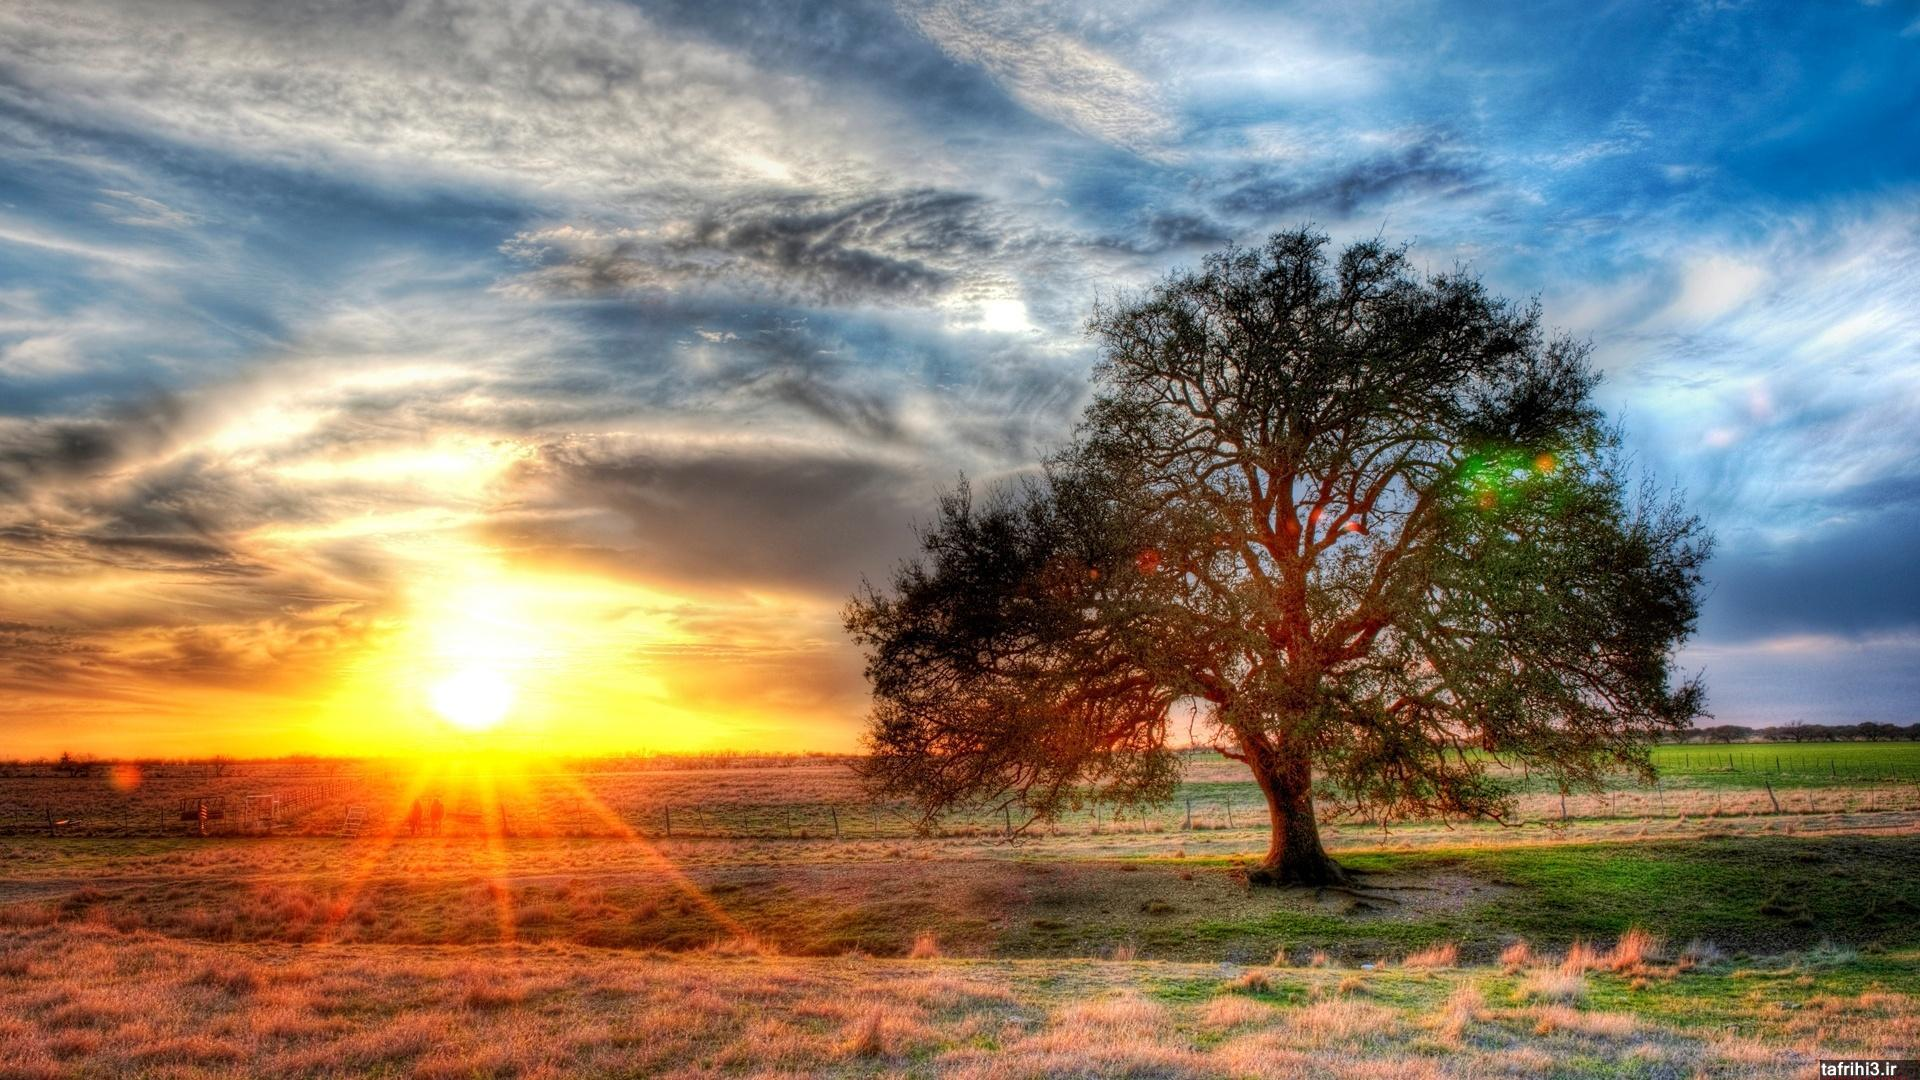 دانلود عکس های طبیعت با کیفیت بالا 2014